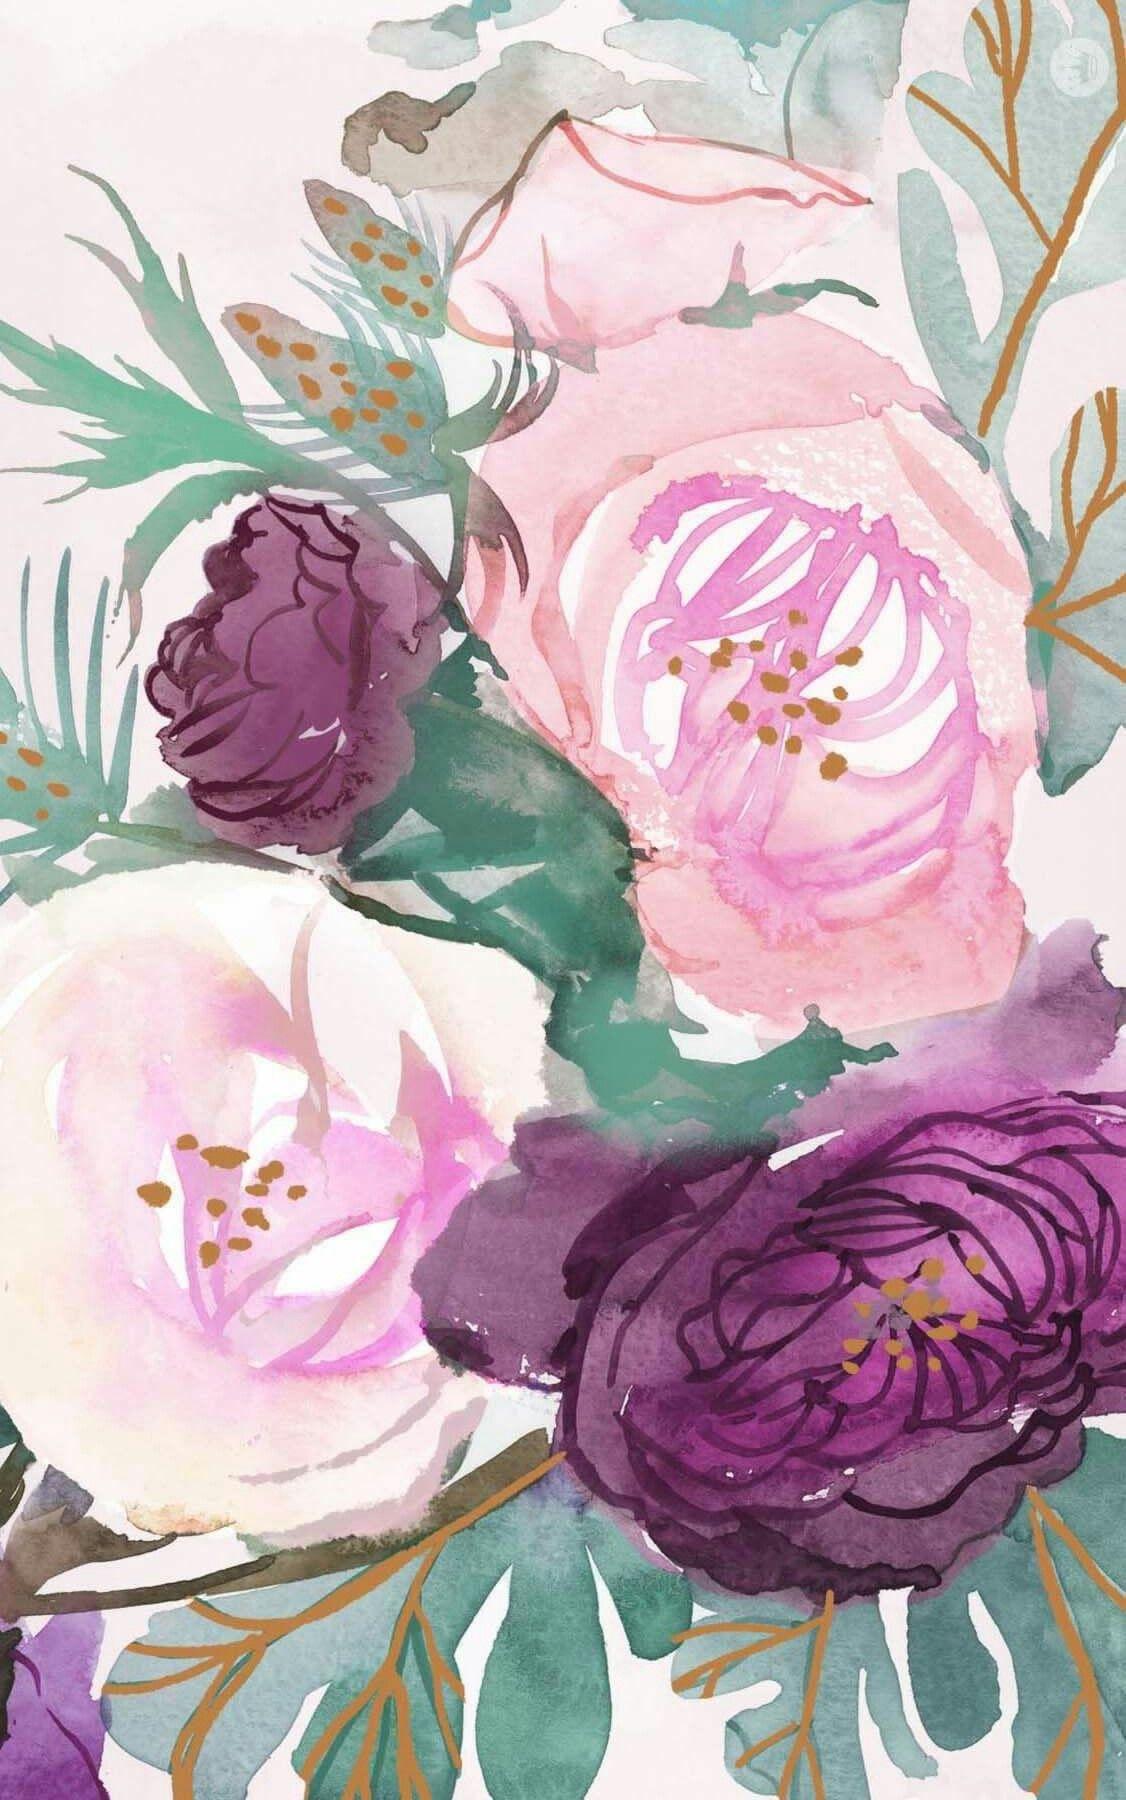 Wallpaper Iphone Papel Pintado Flores Fondos Acuarela